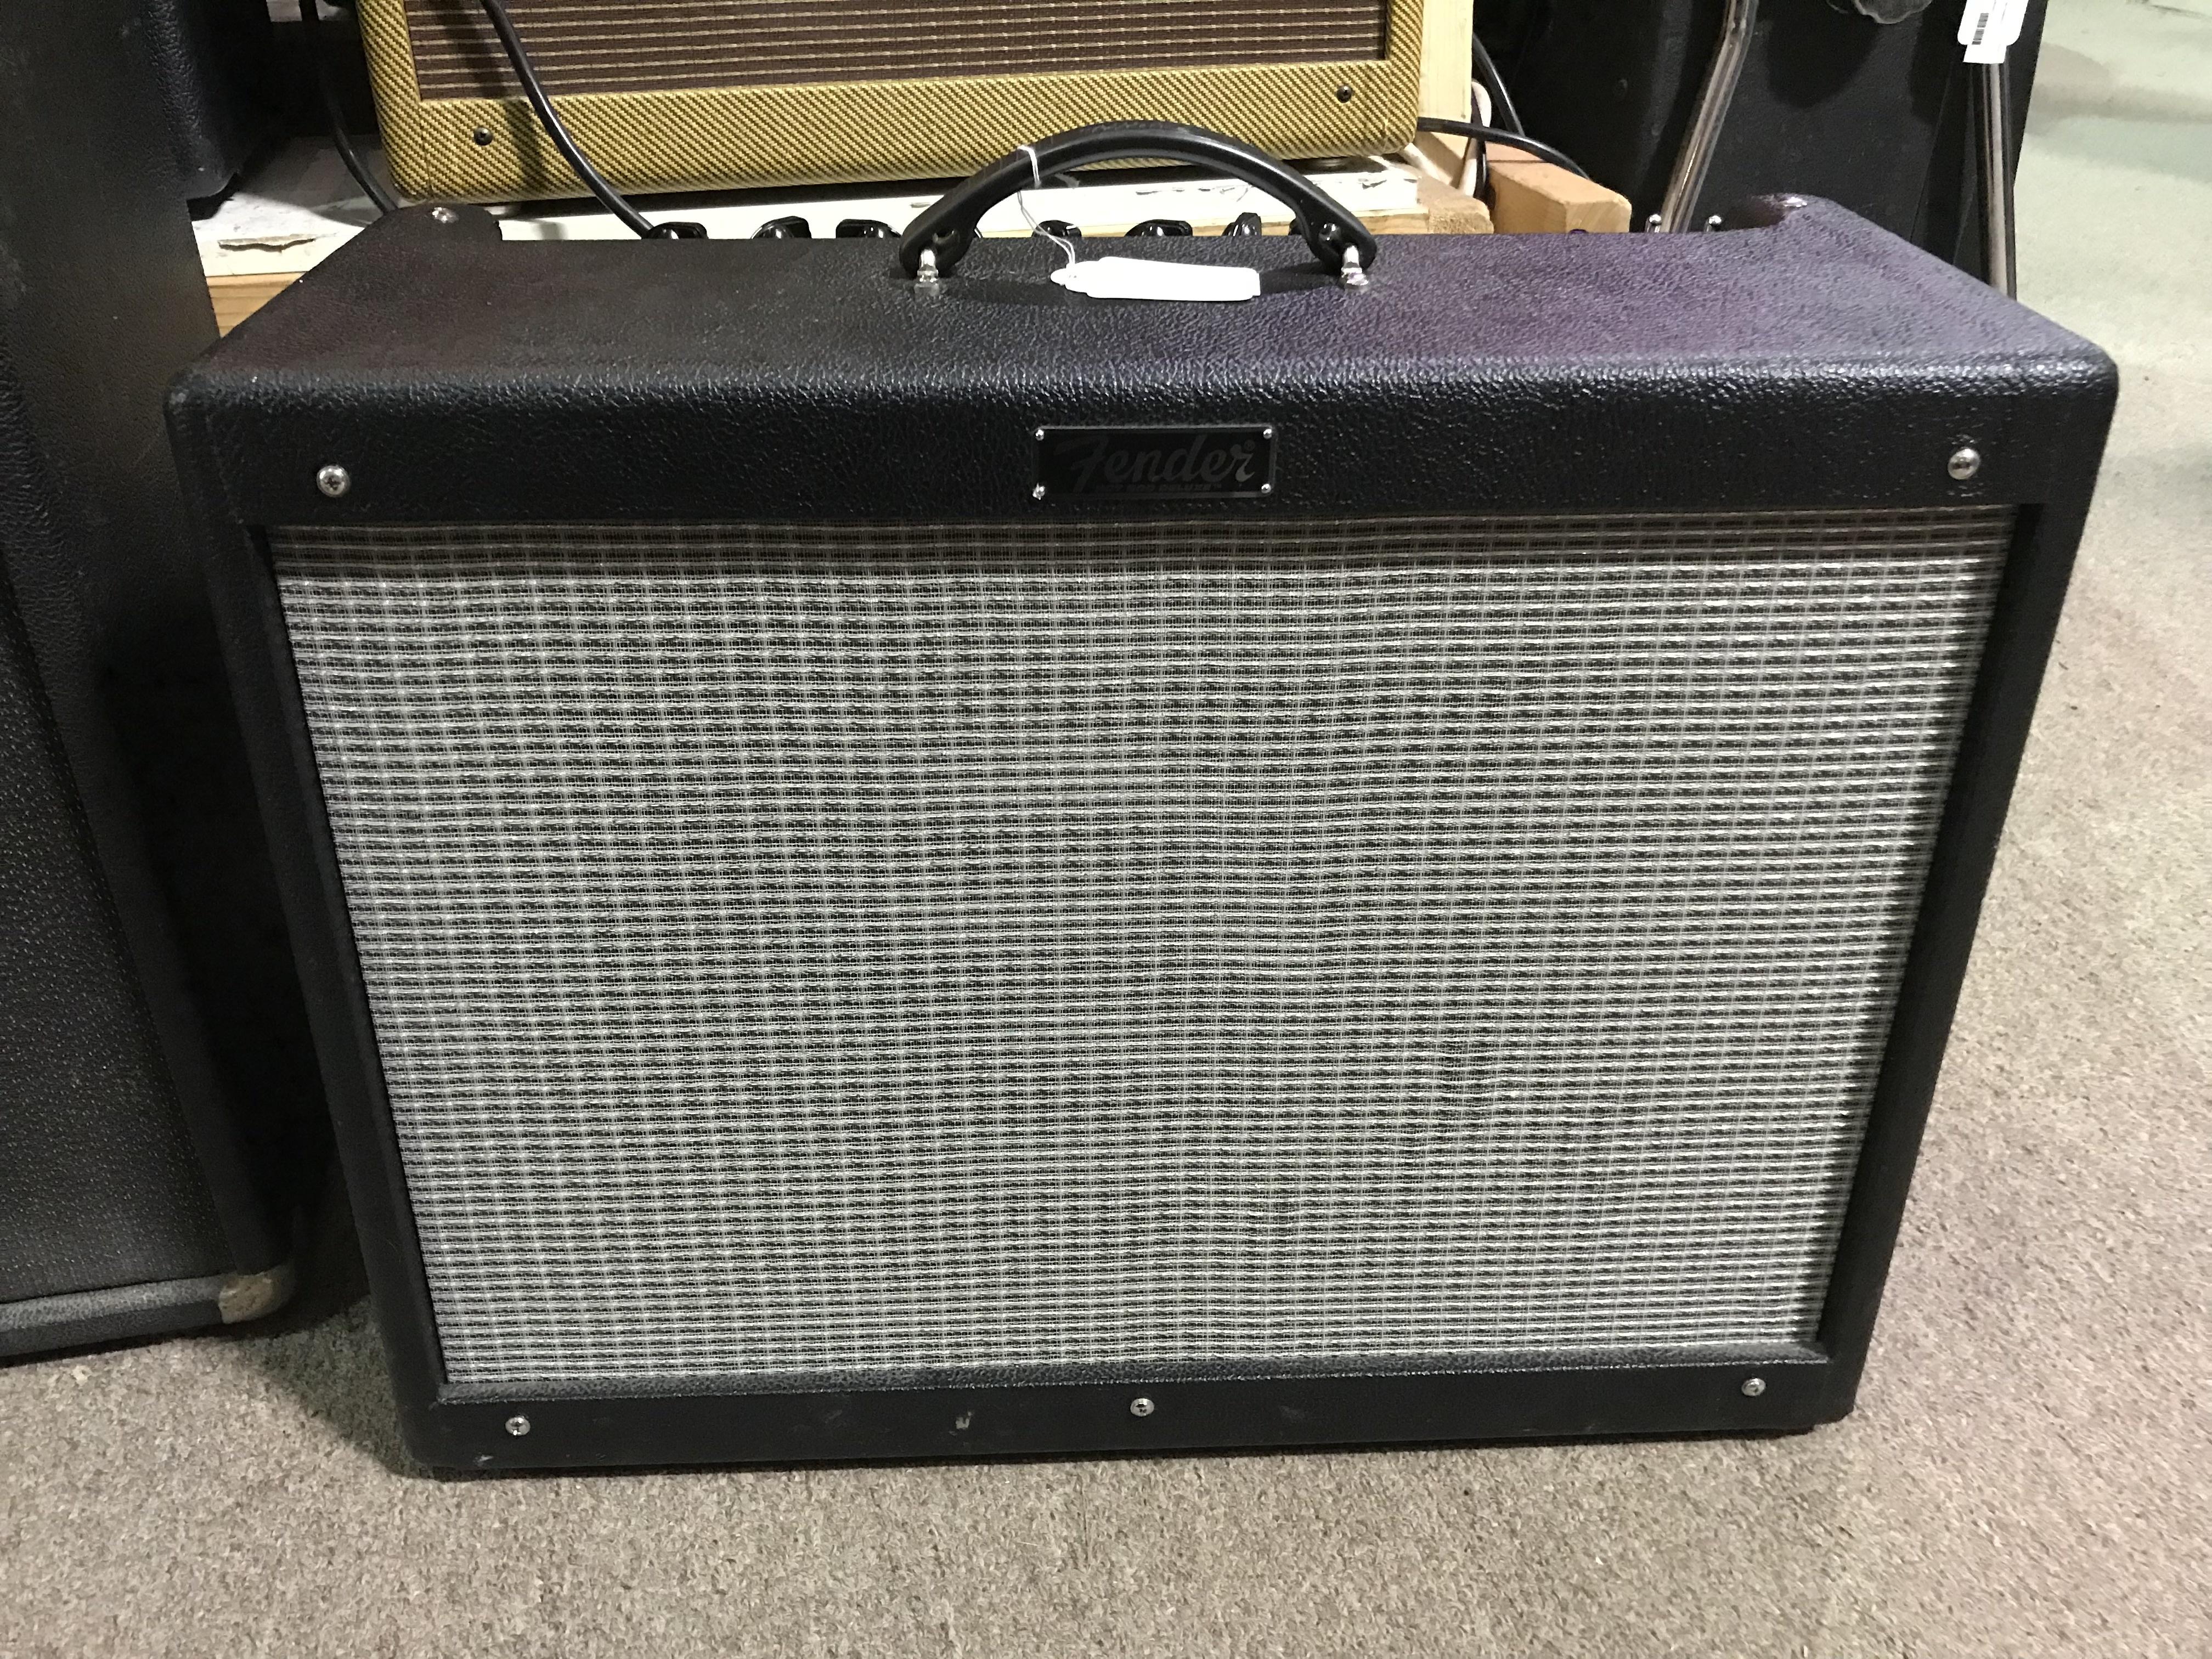 FENDER HOT ROD DELUXE III 40-Watt 1X12 Tube Combo Guitar Amplifier